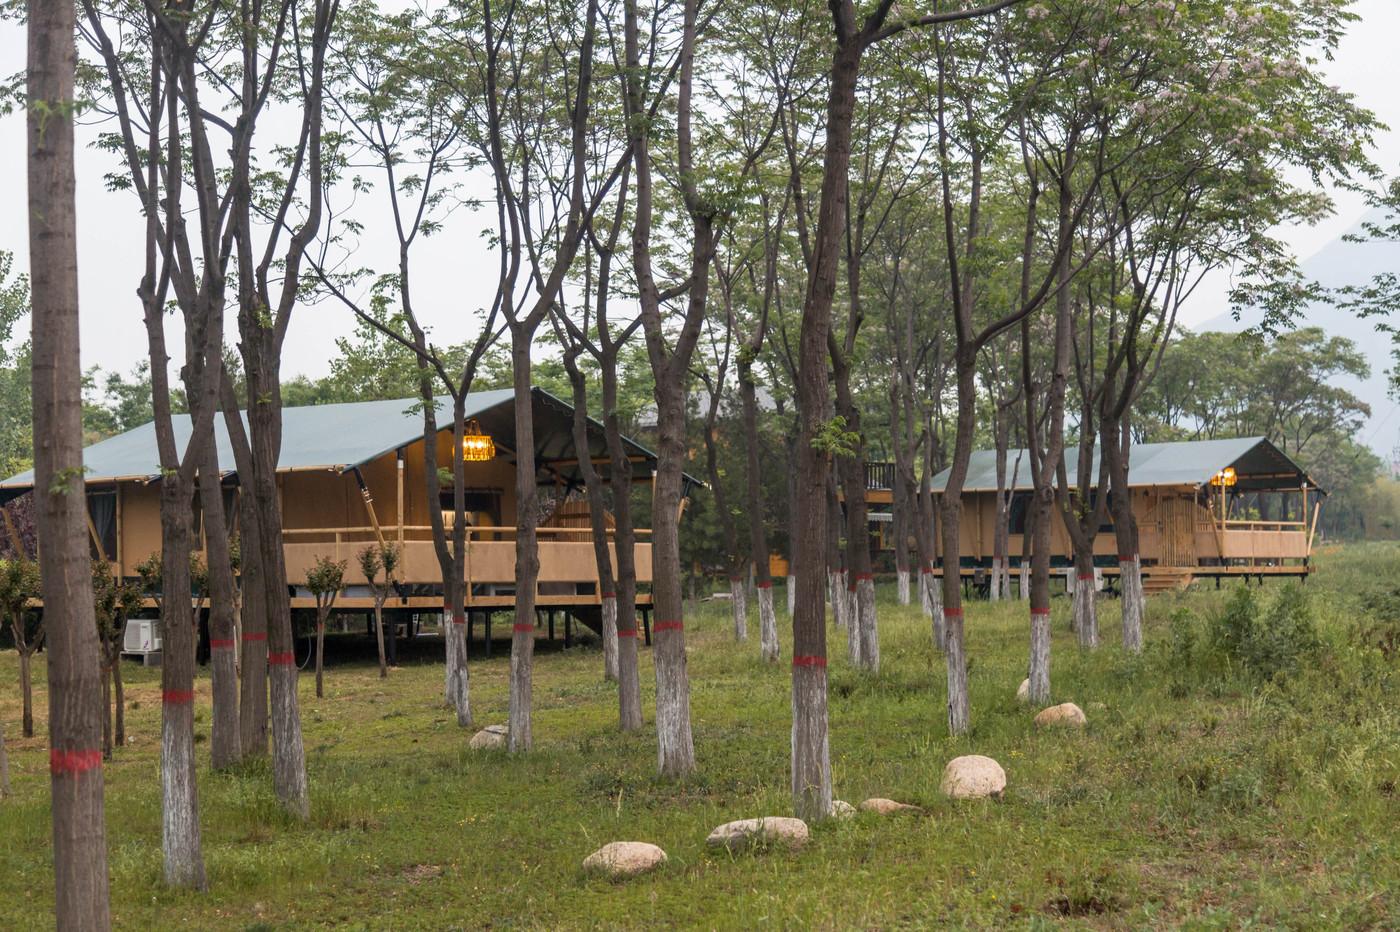 喜马拉雅野奢帐篷酒店—华山自驾游露营地(78平)1